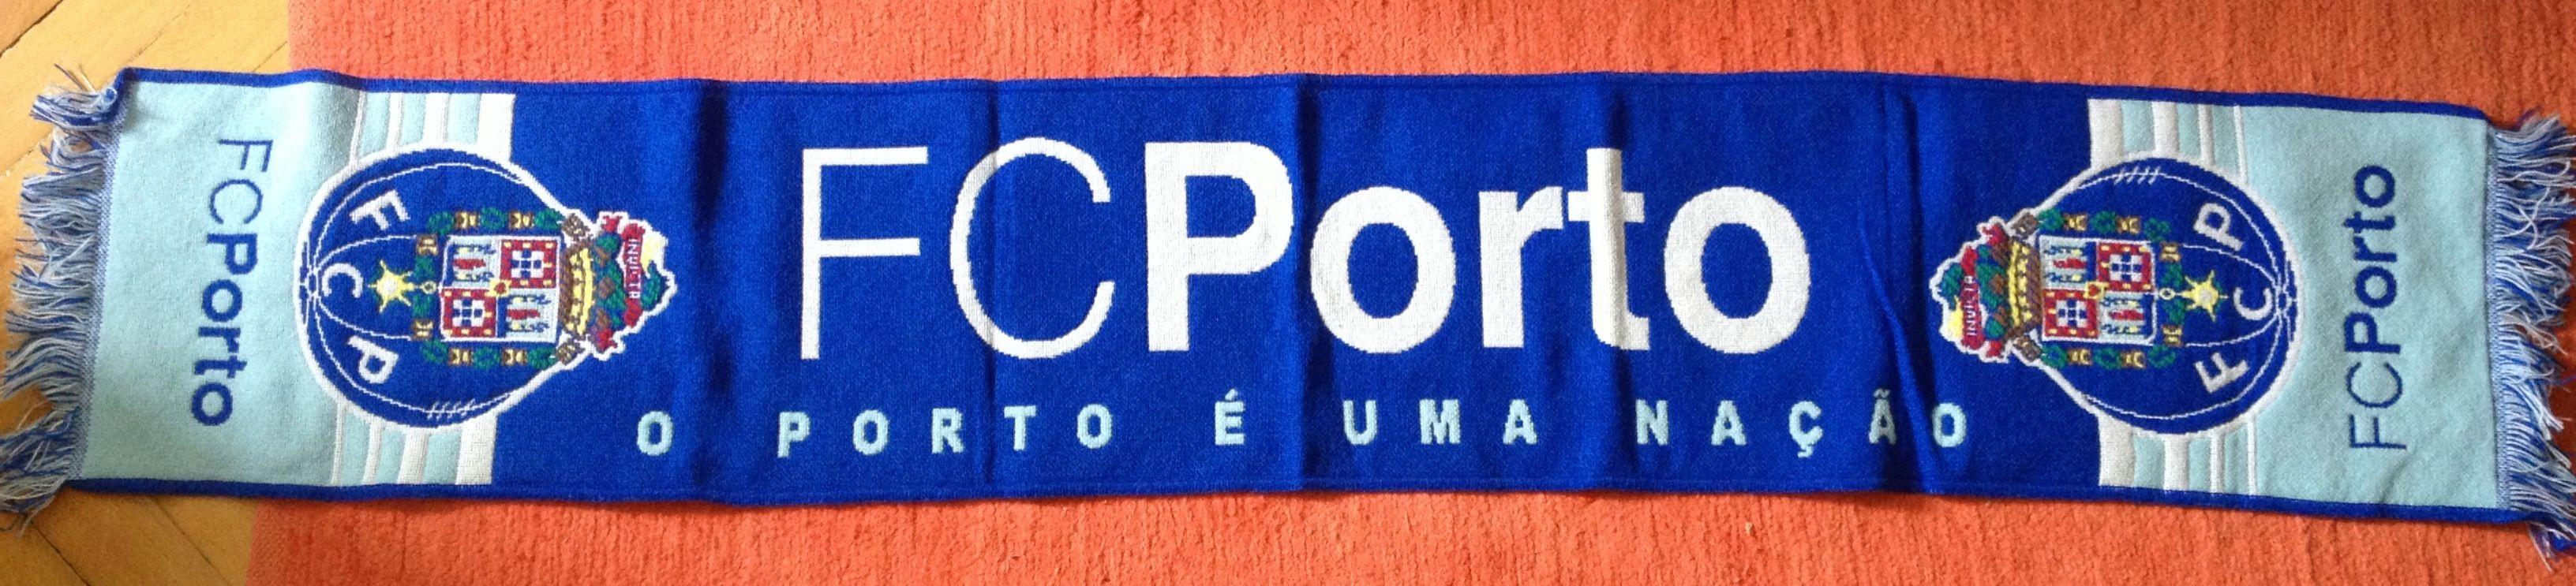 F.C. Porto, Portugal